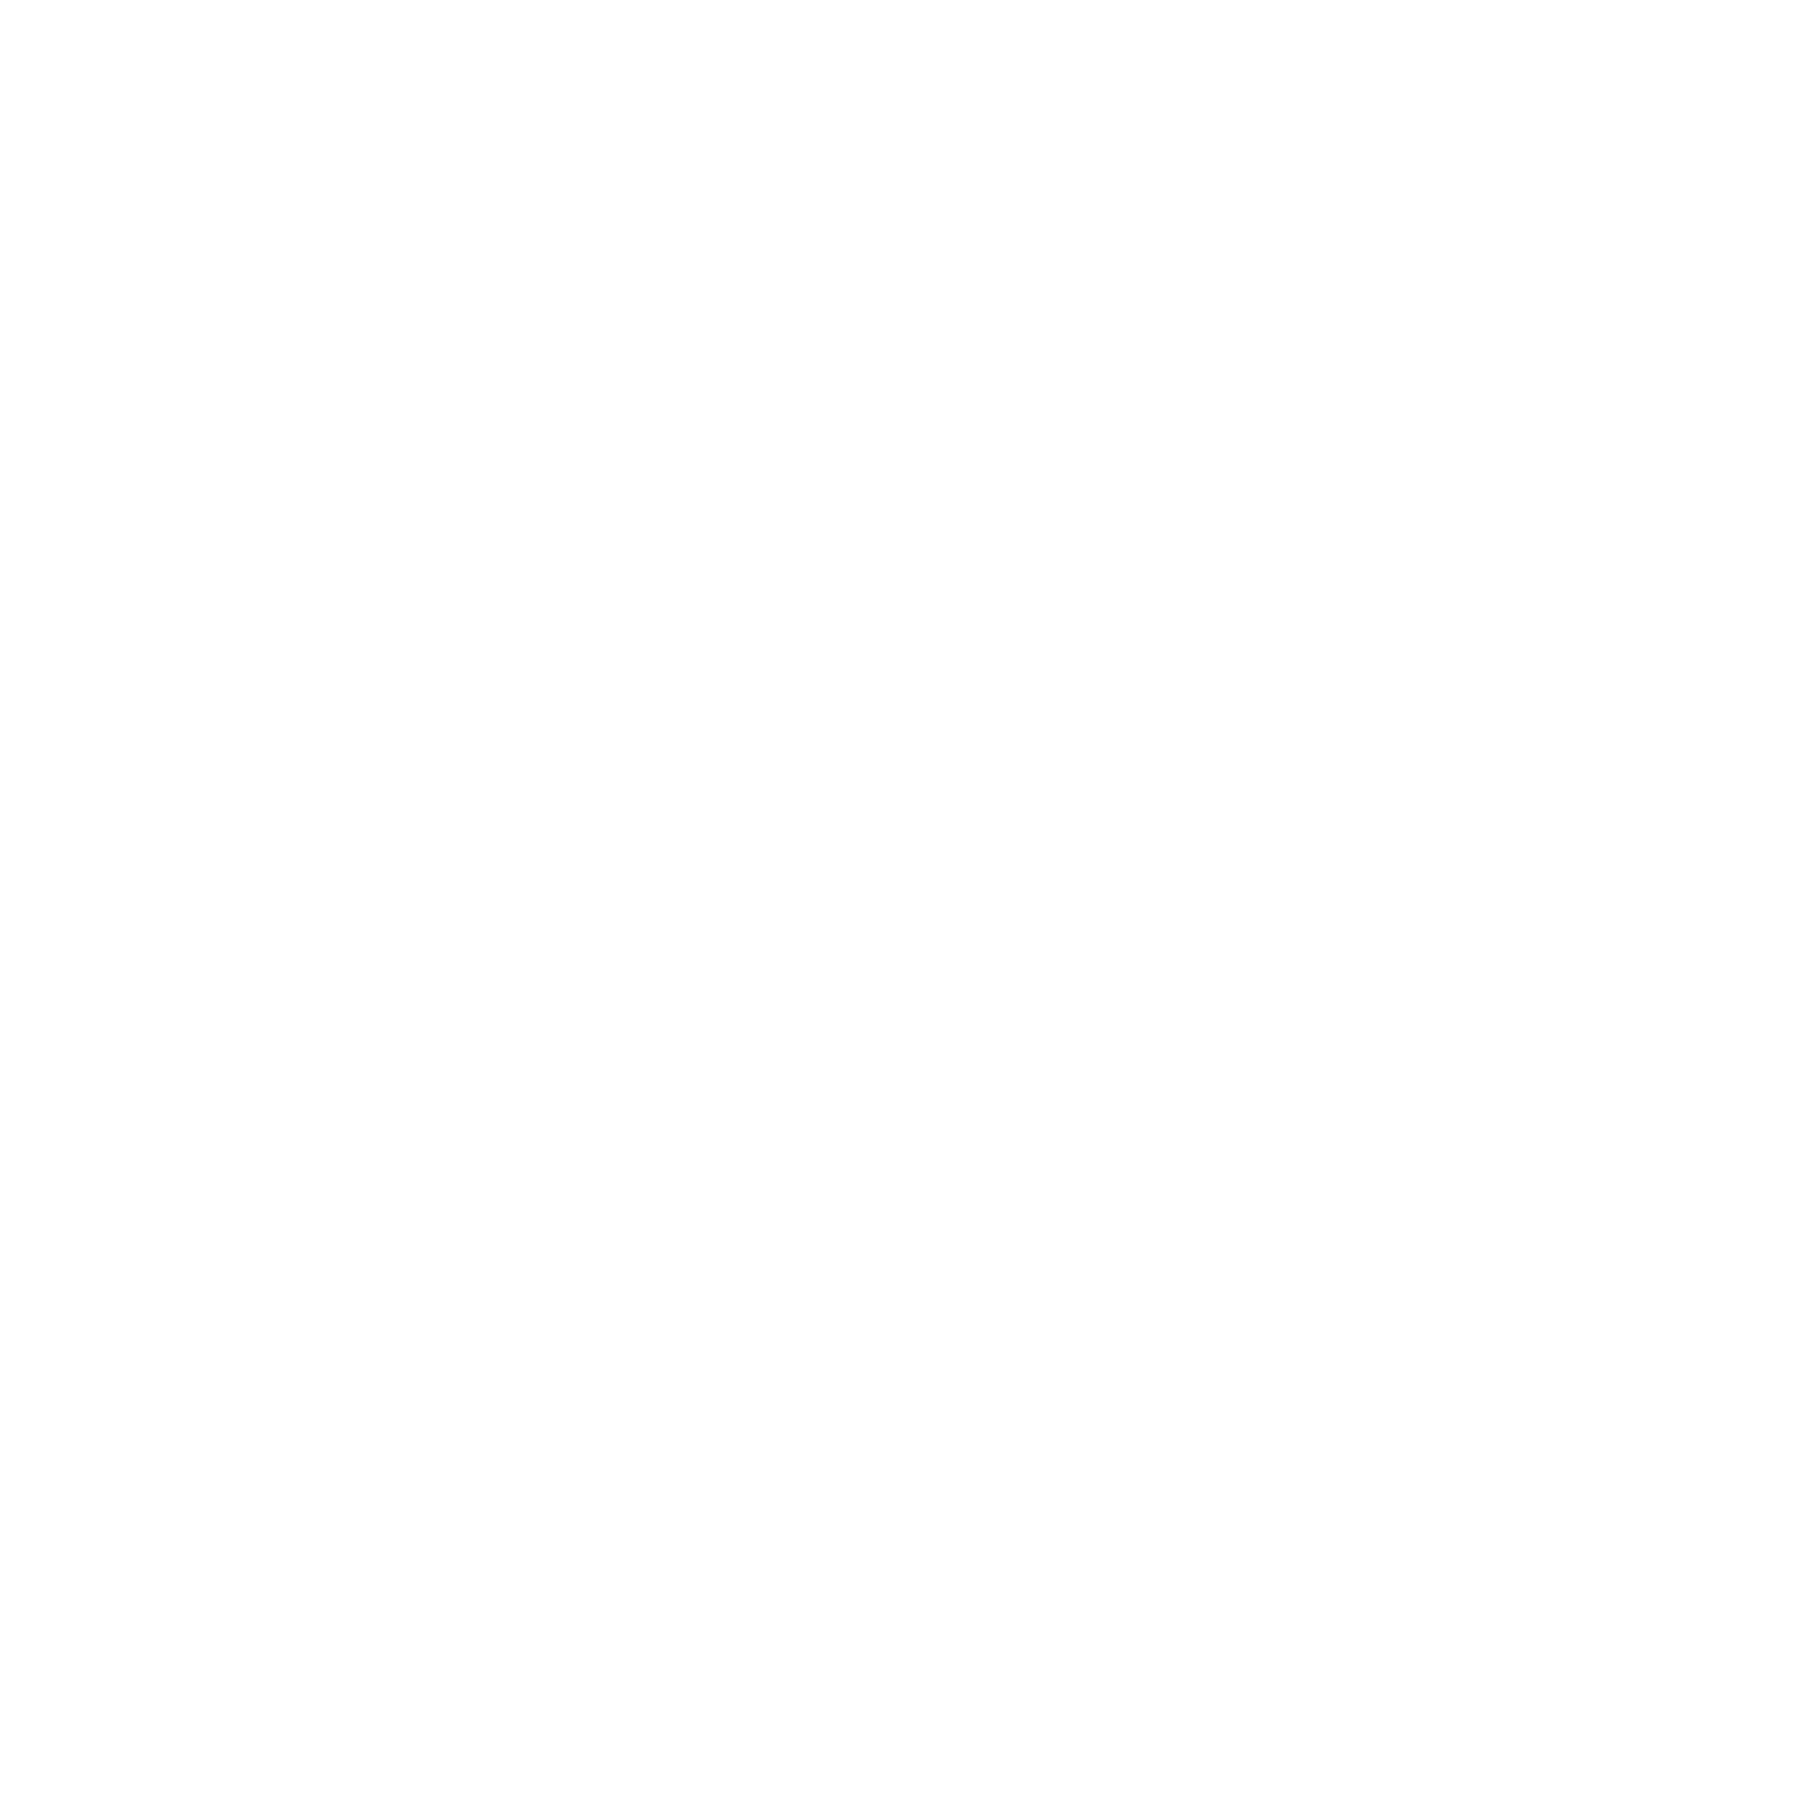 flame-icon-white-01